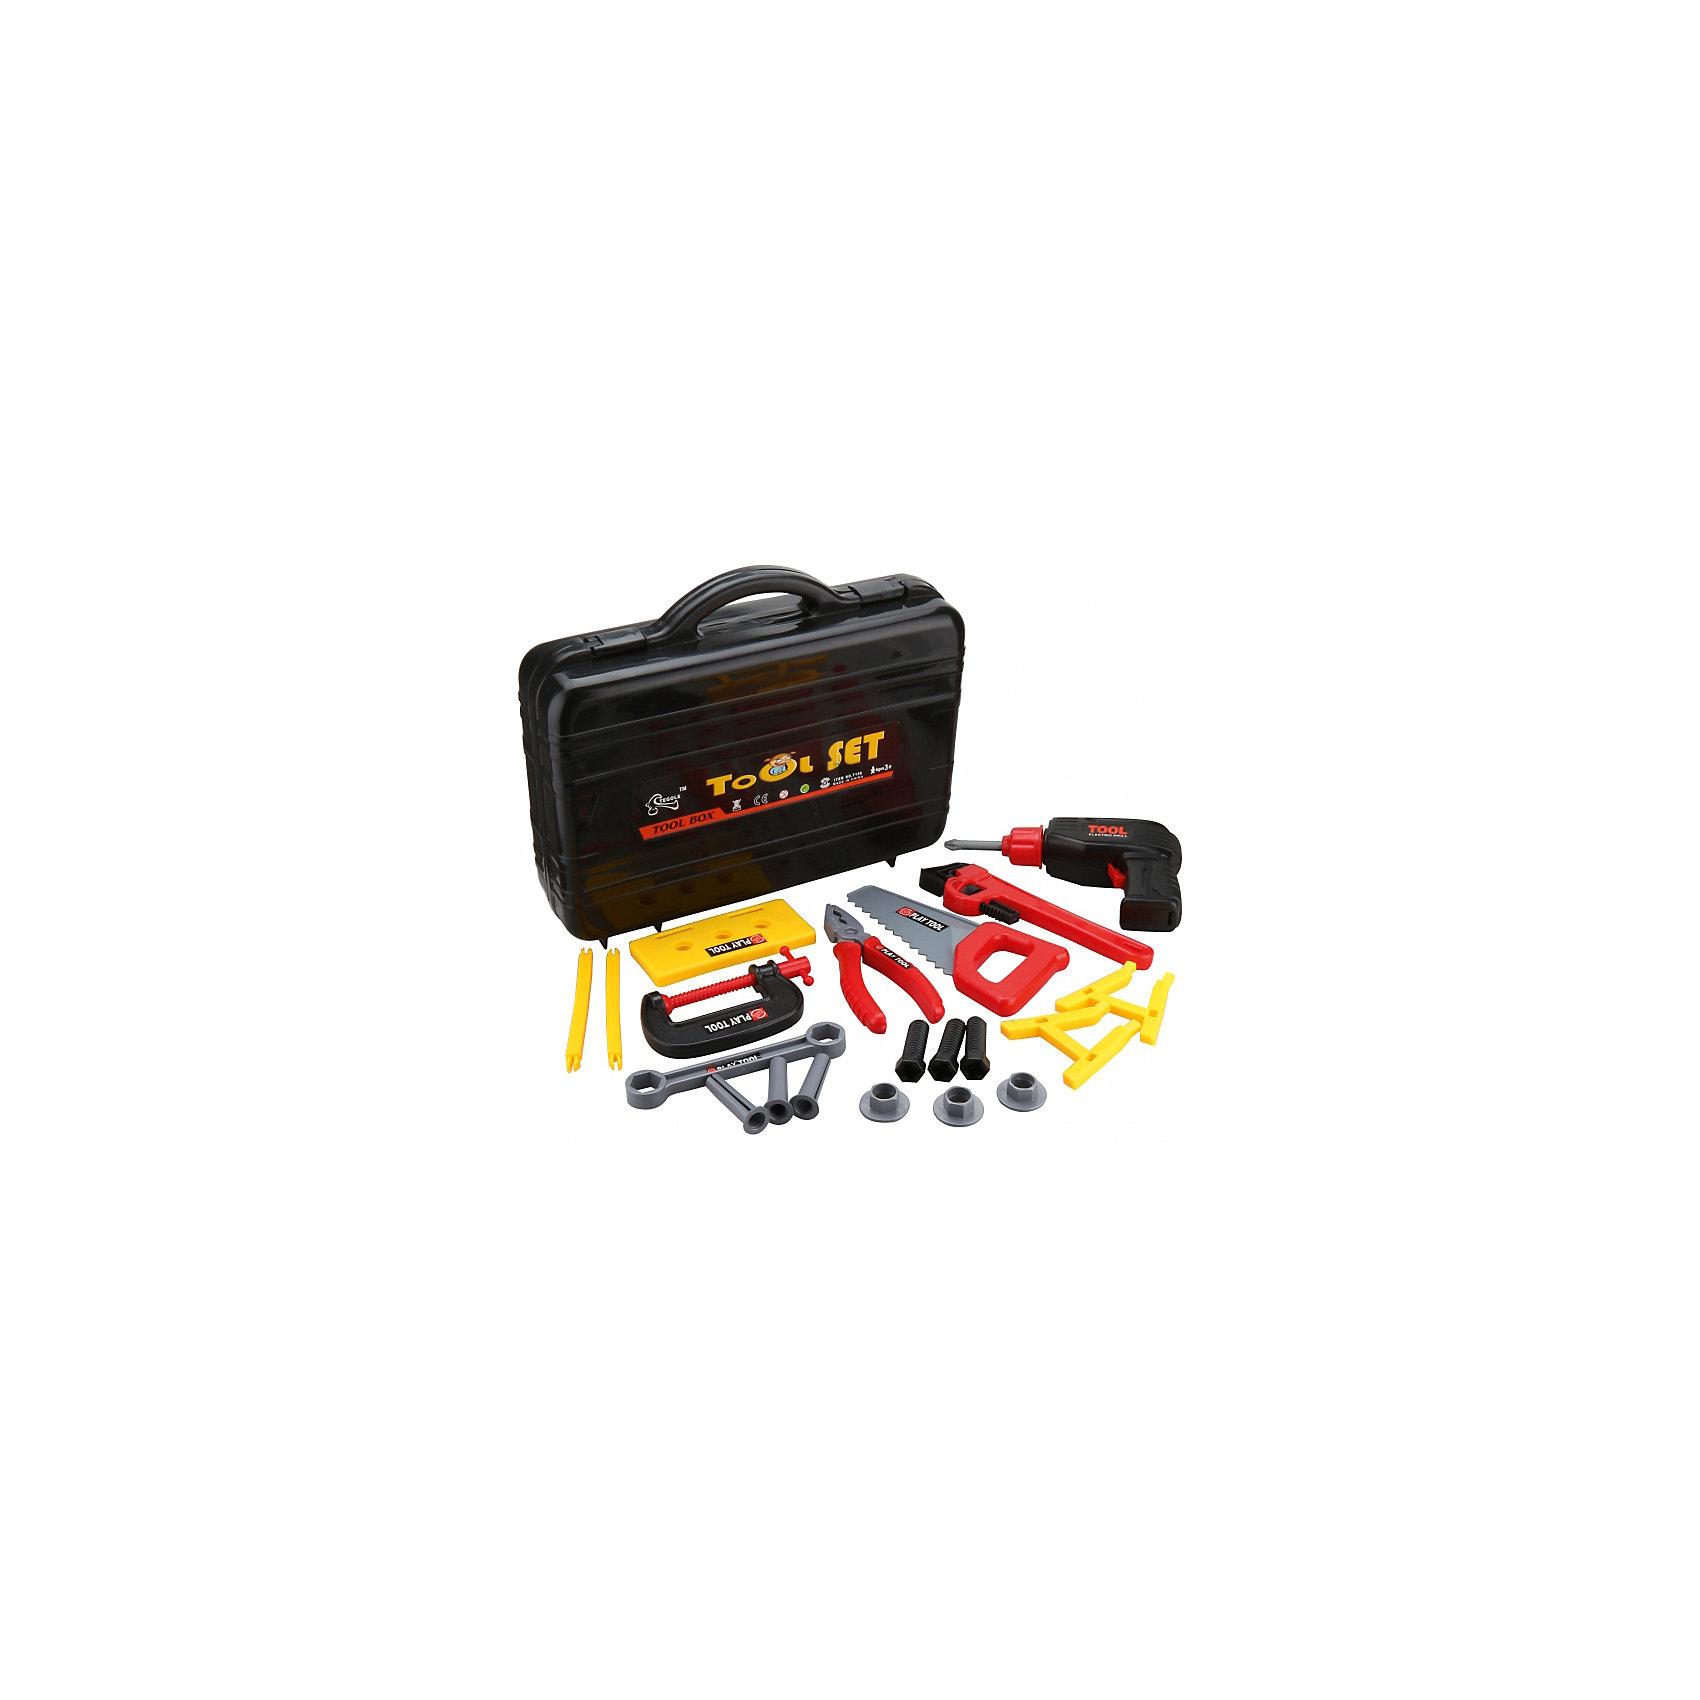 Игровой набор инструментов Заветный чемоданчик (20 предм., в кейсе), ALTACTOСюжетно-ролевые игры<br>Набор пластмассовых инструментов из 20 предметов.<br>В дрель возможна установка 2 батареек АА (не входят в комплект).<br>Все инструменты аккуратно складываются в специальный кейс.<br>Набор удобно хранить и переносить.<br><br>Дополнительная информация:<br><br>В наборе 20 предметов: шуруповерт, газовый ключ, пила, струбцина, рожковый ключ, плоскогубцы, болты, гайки и другие предметы в удобном пластиковом чемоданчике<br>Материал: пластик<br>Размеры упаковки: 33 х 85 х 26 см<br>Для работы шуруповерта необходимы 2 батарейки типа АА (не входят в комплект).<br><br>Игровой набор инструментов Заветный чемоданчик (20 предм., в кейсе), ALTACTO можно купить в нашем магазине.<br><br>Ширина мм: 330<br>Глубина мм: 85<br>Высота мм: 265<br>Вес г: 900<br>Возраст от месяцев: 36<br>Возраст до месяцев: 72<br>Пол: Мужской<br>Возраст: Детский<br>SKU: 4590218